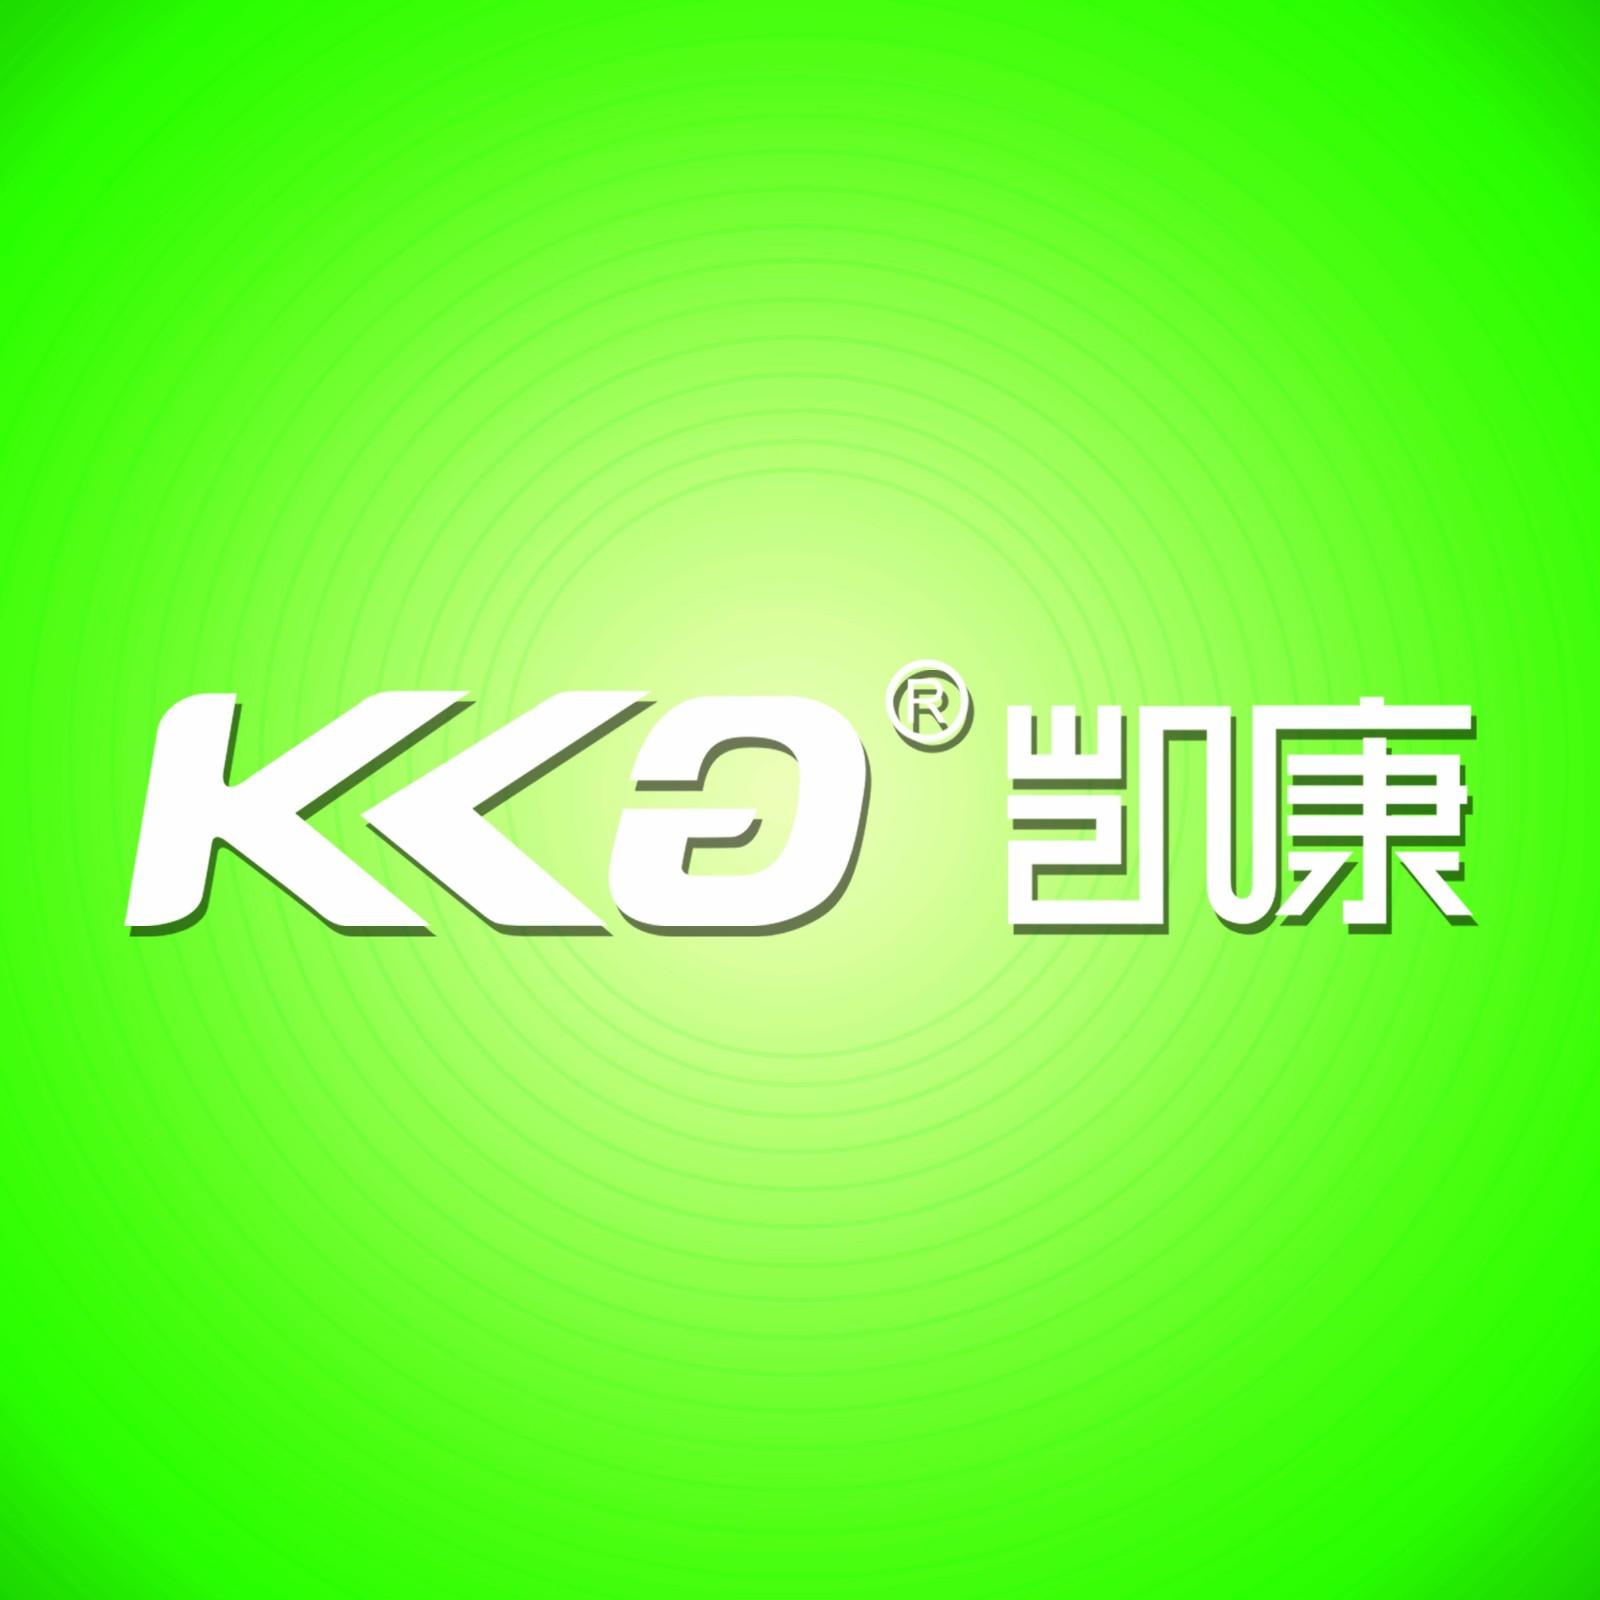 """广州凯康电子科技有限公司荣获""""2021年度理疗仪行业十大品牌""""."""